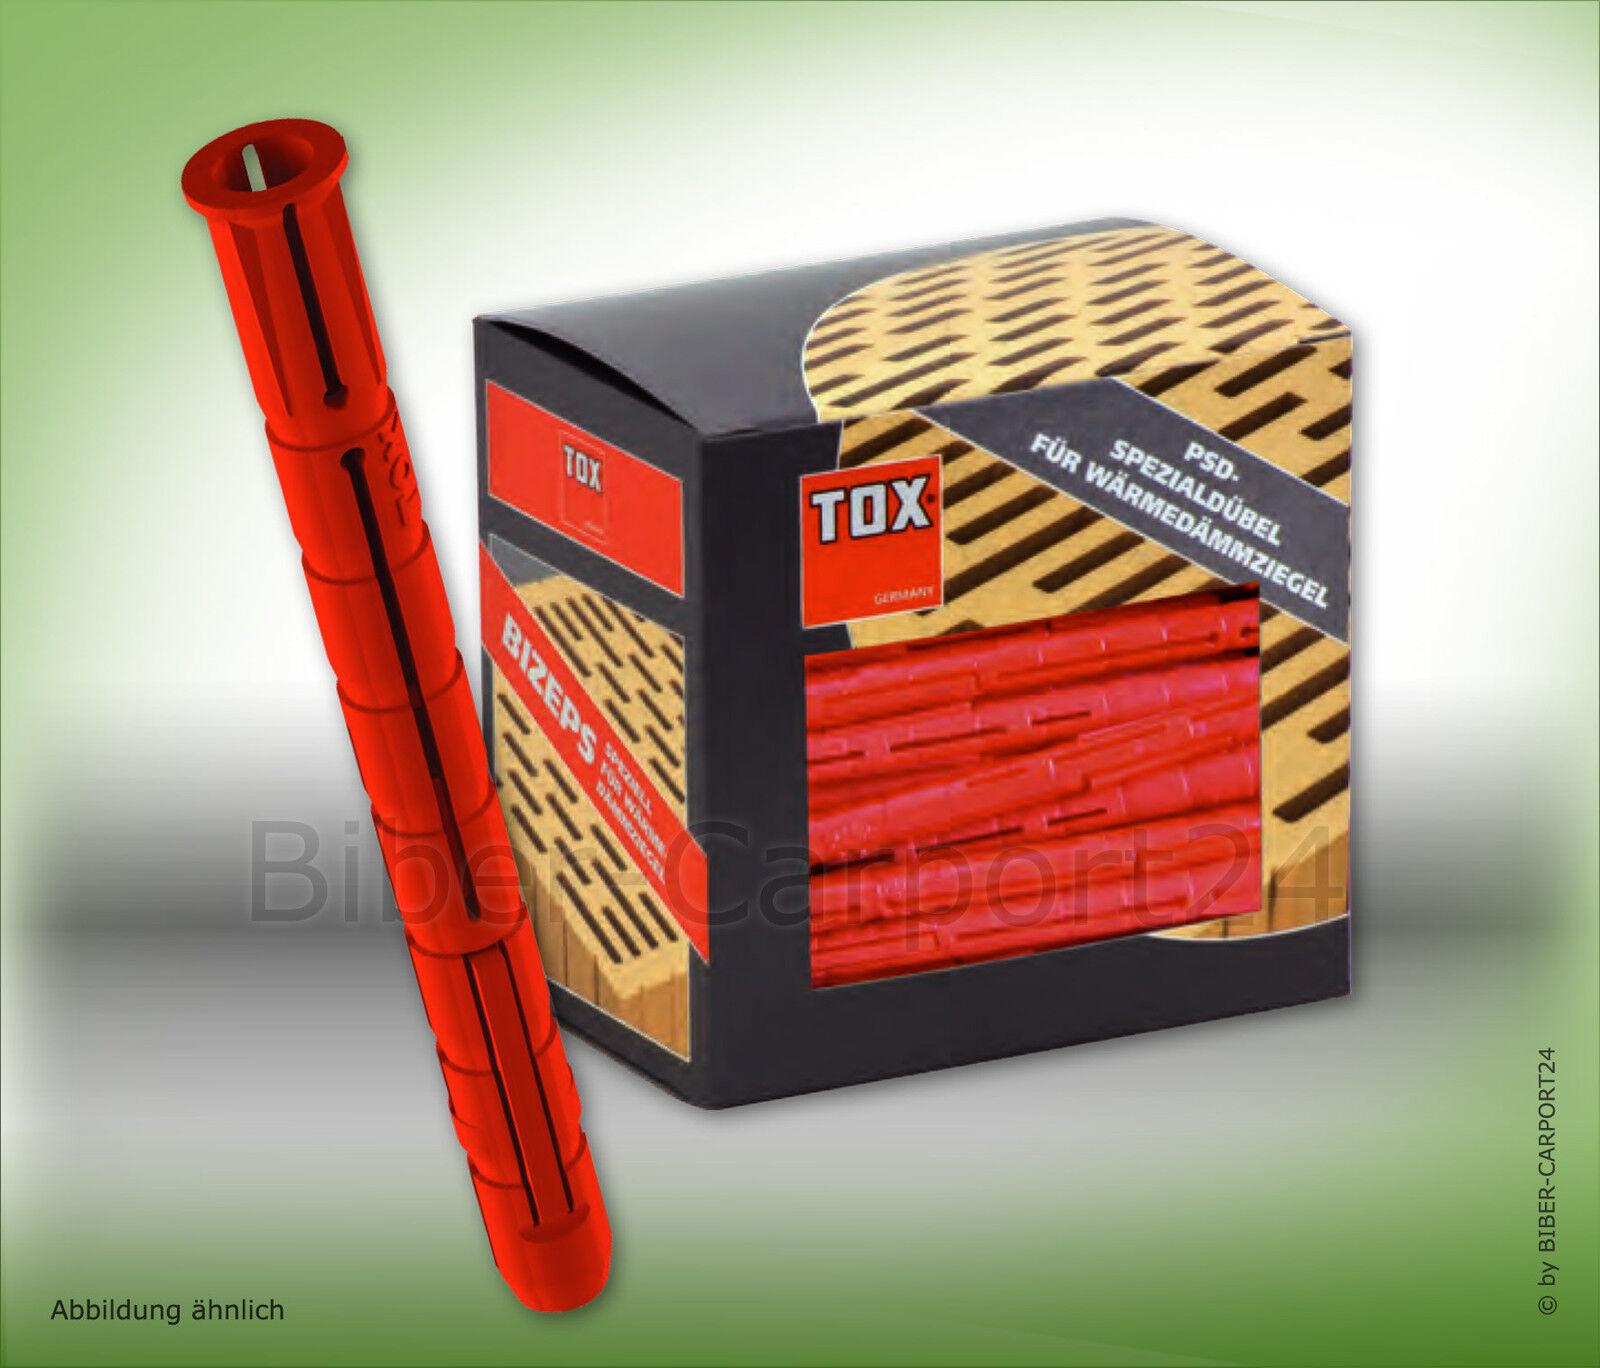 Tox BIZEPS, 6x70-12x90 Parallel-Spreizdübel, 8x90 10x90 PSD Nylon Gewindestangen